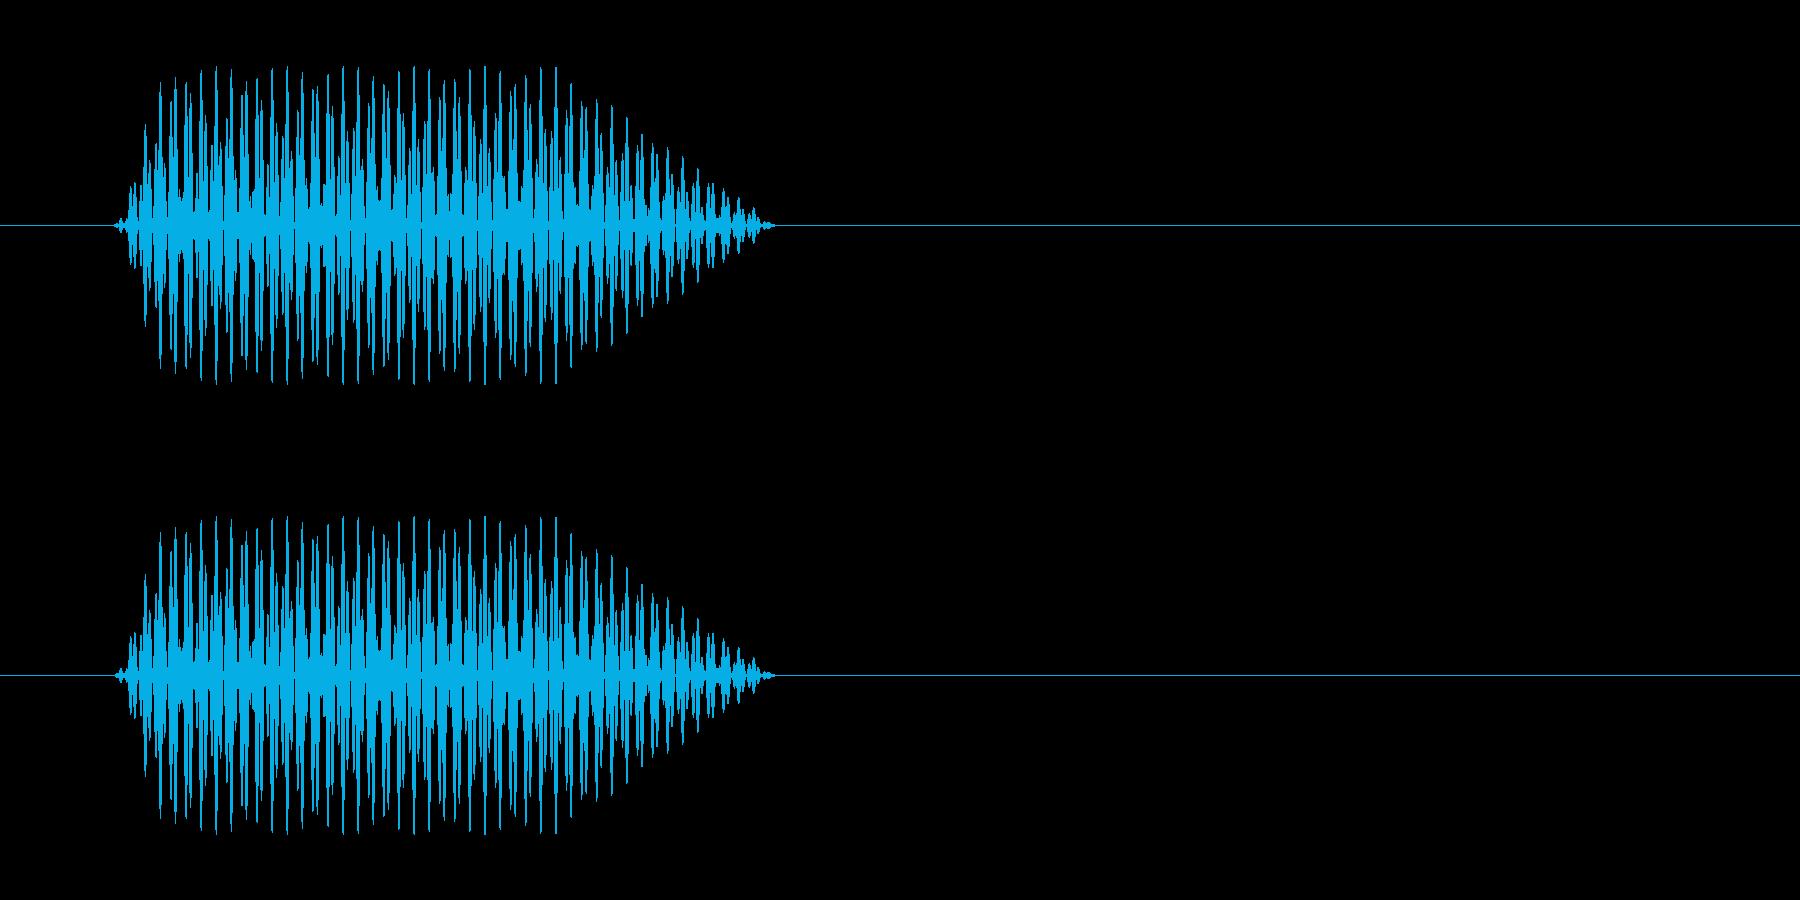 ソの音がする心電図の効果音の再生済みの波形